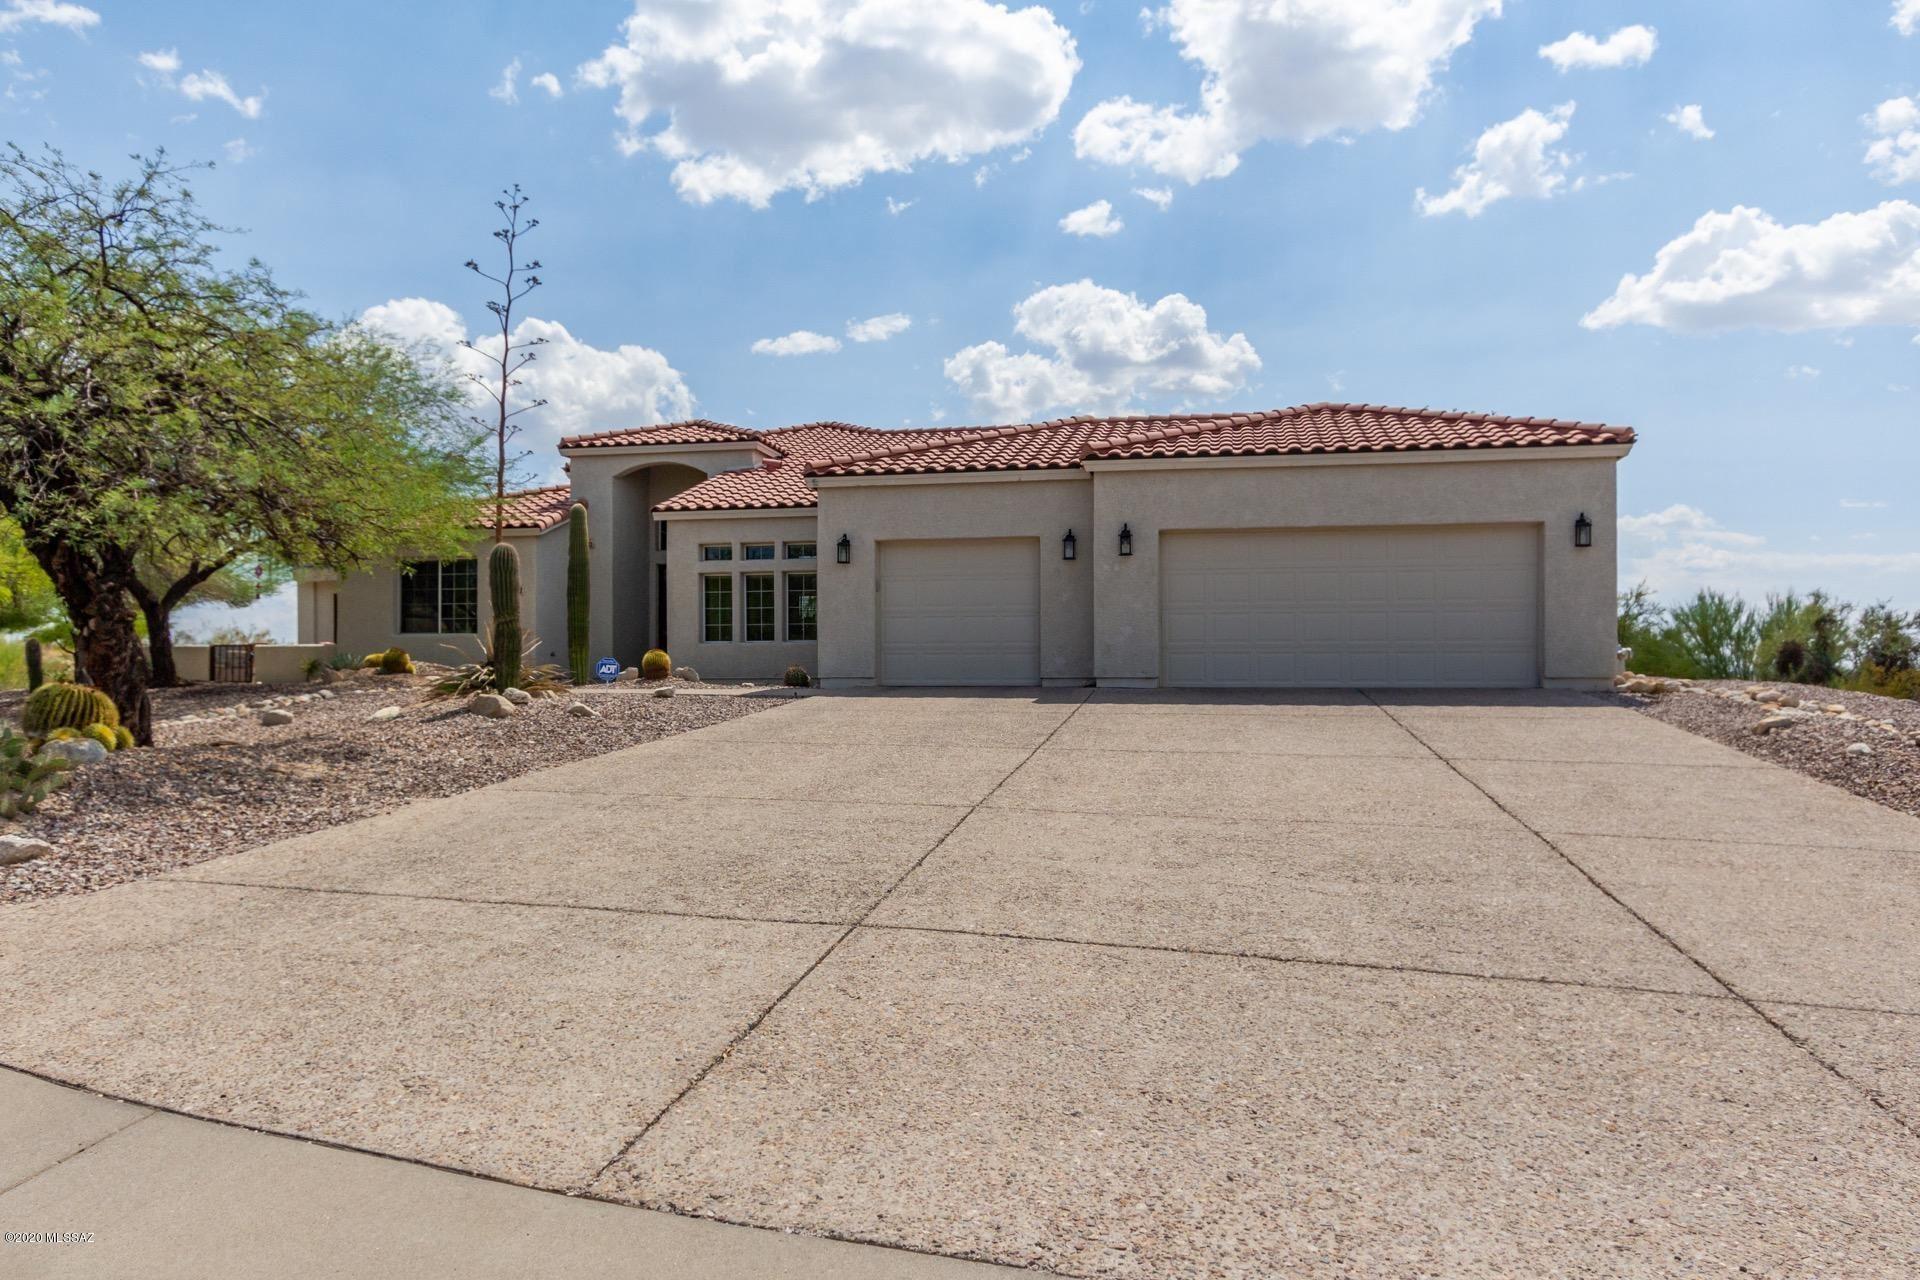 11032 E Placita Cumbia, Tucson, AZ 85730 - MLS#: 22022908